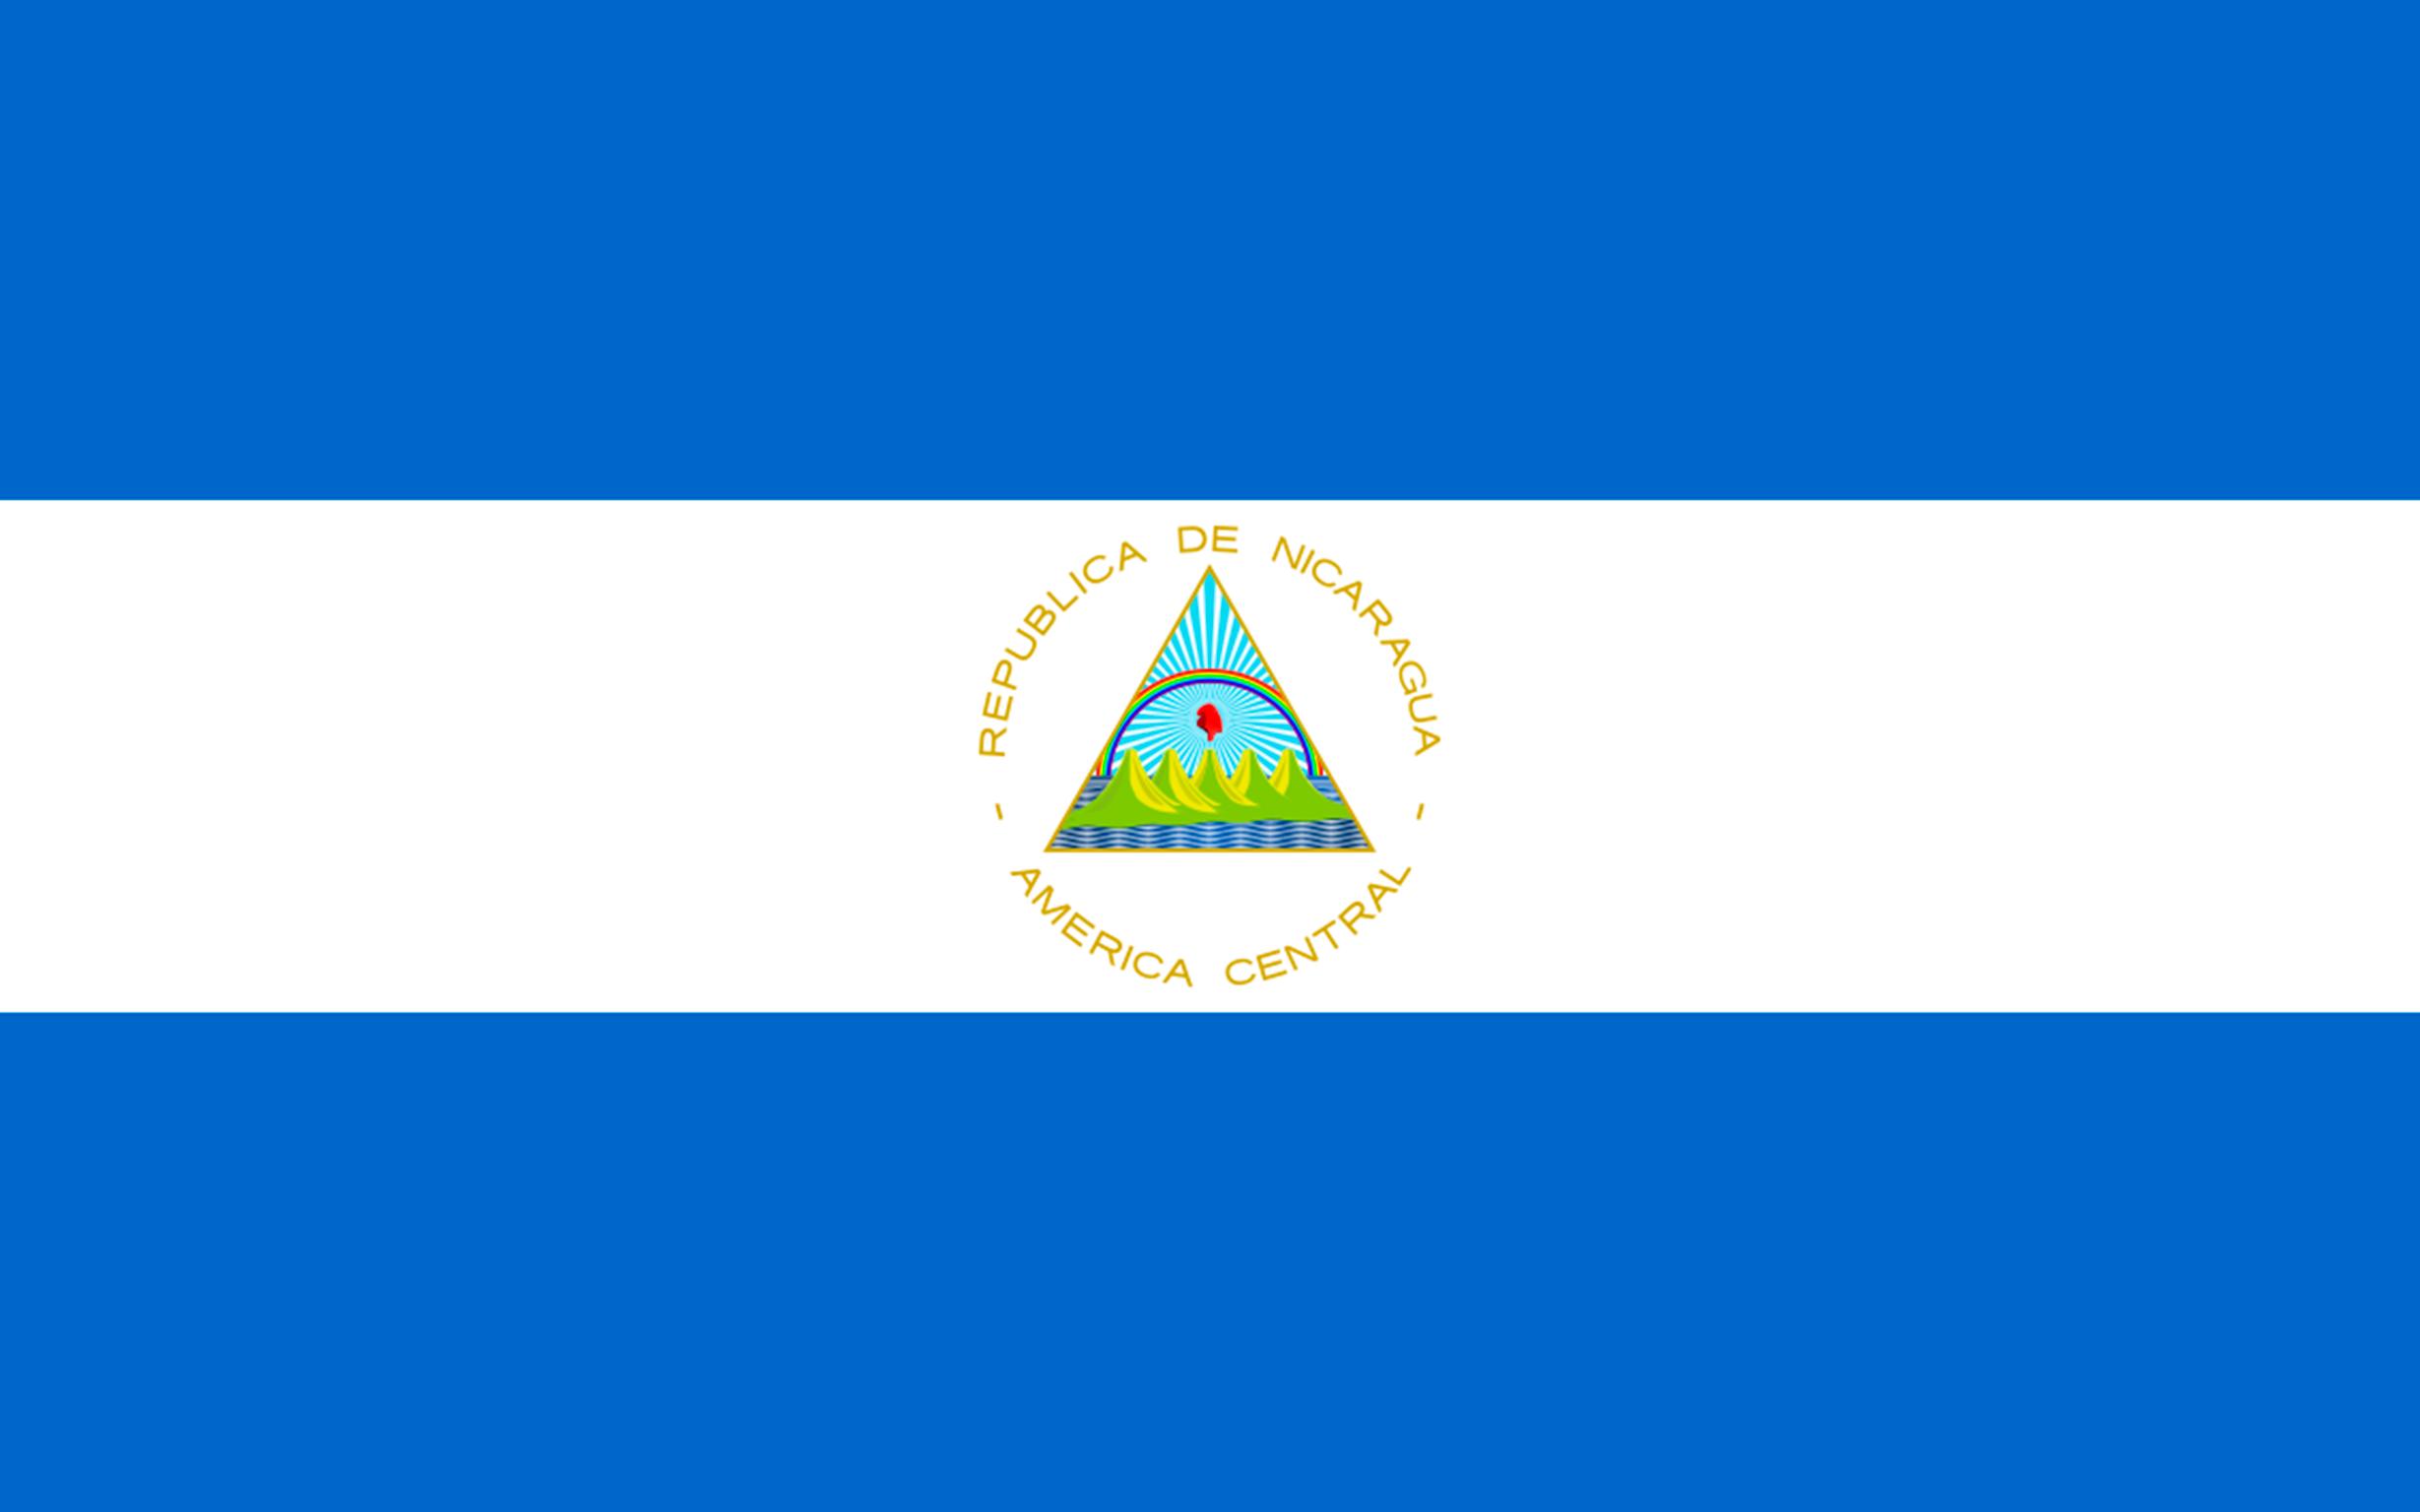 Trabajos Grupo DIT Nicaragua